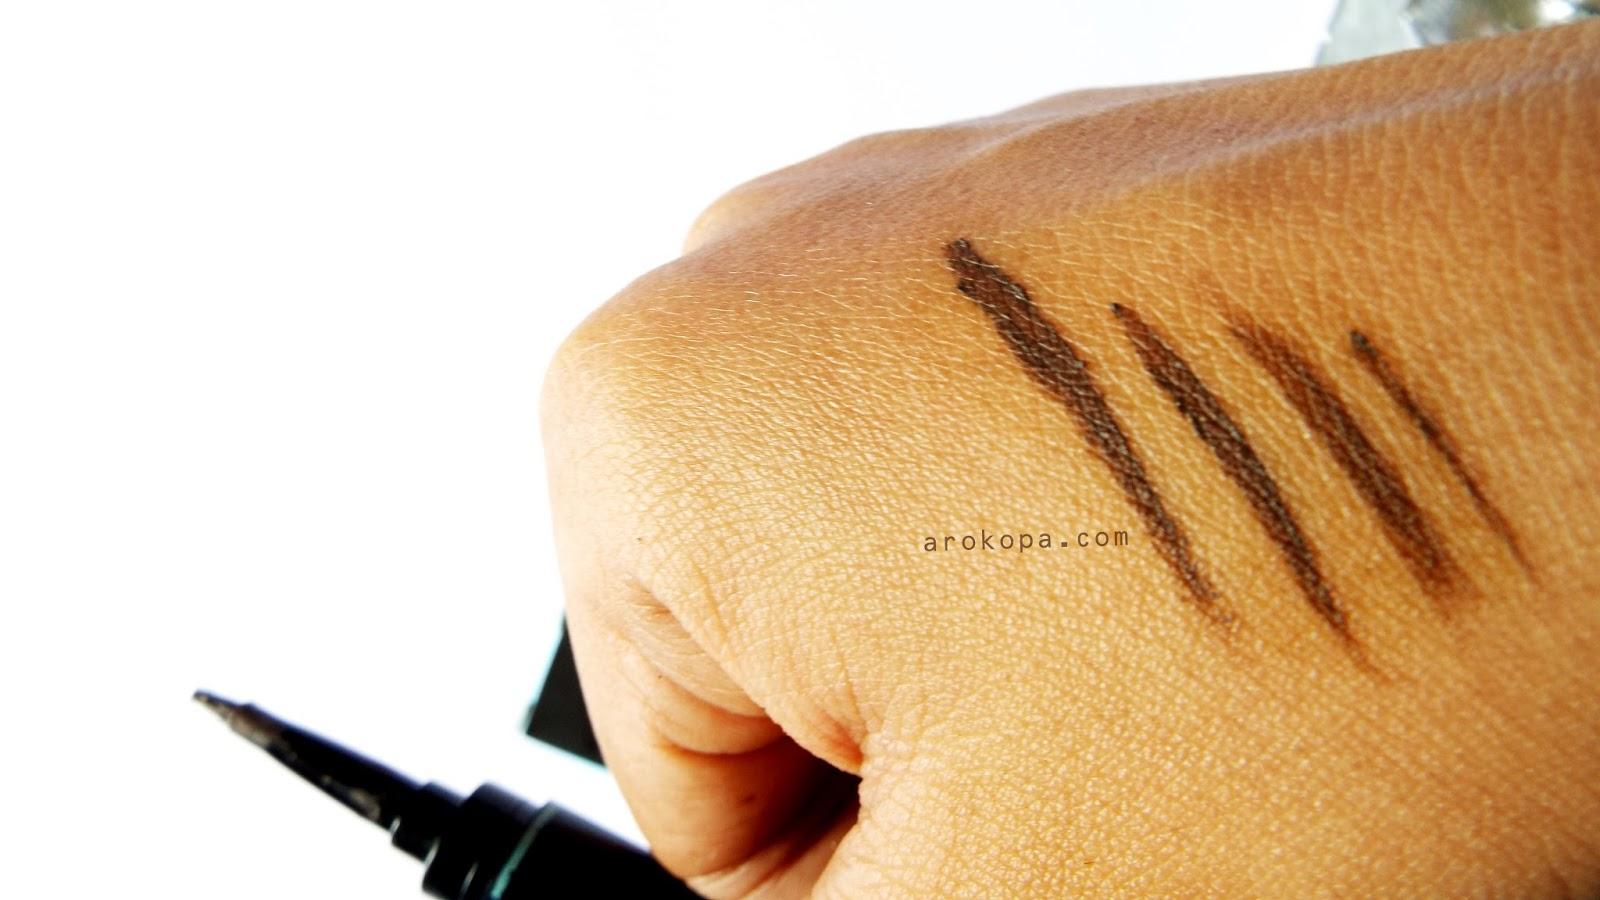 Ql Eyebrow Cream Coklat Daftar Harga Barang Terkini Terlengkap 15gr Ini Tipe Kombinasi Warna Abu Cooltone Dingin Nggak